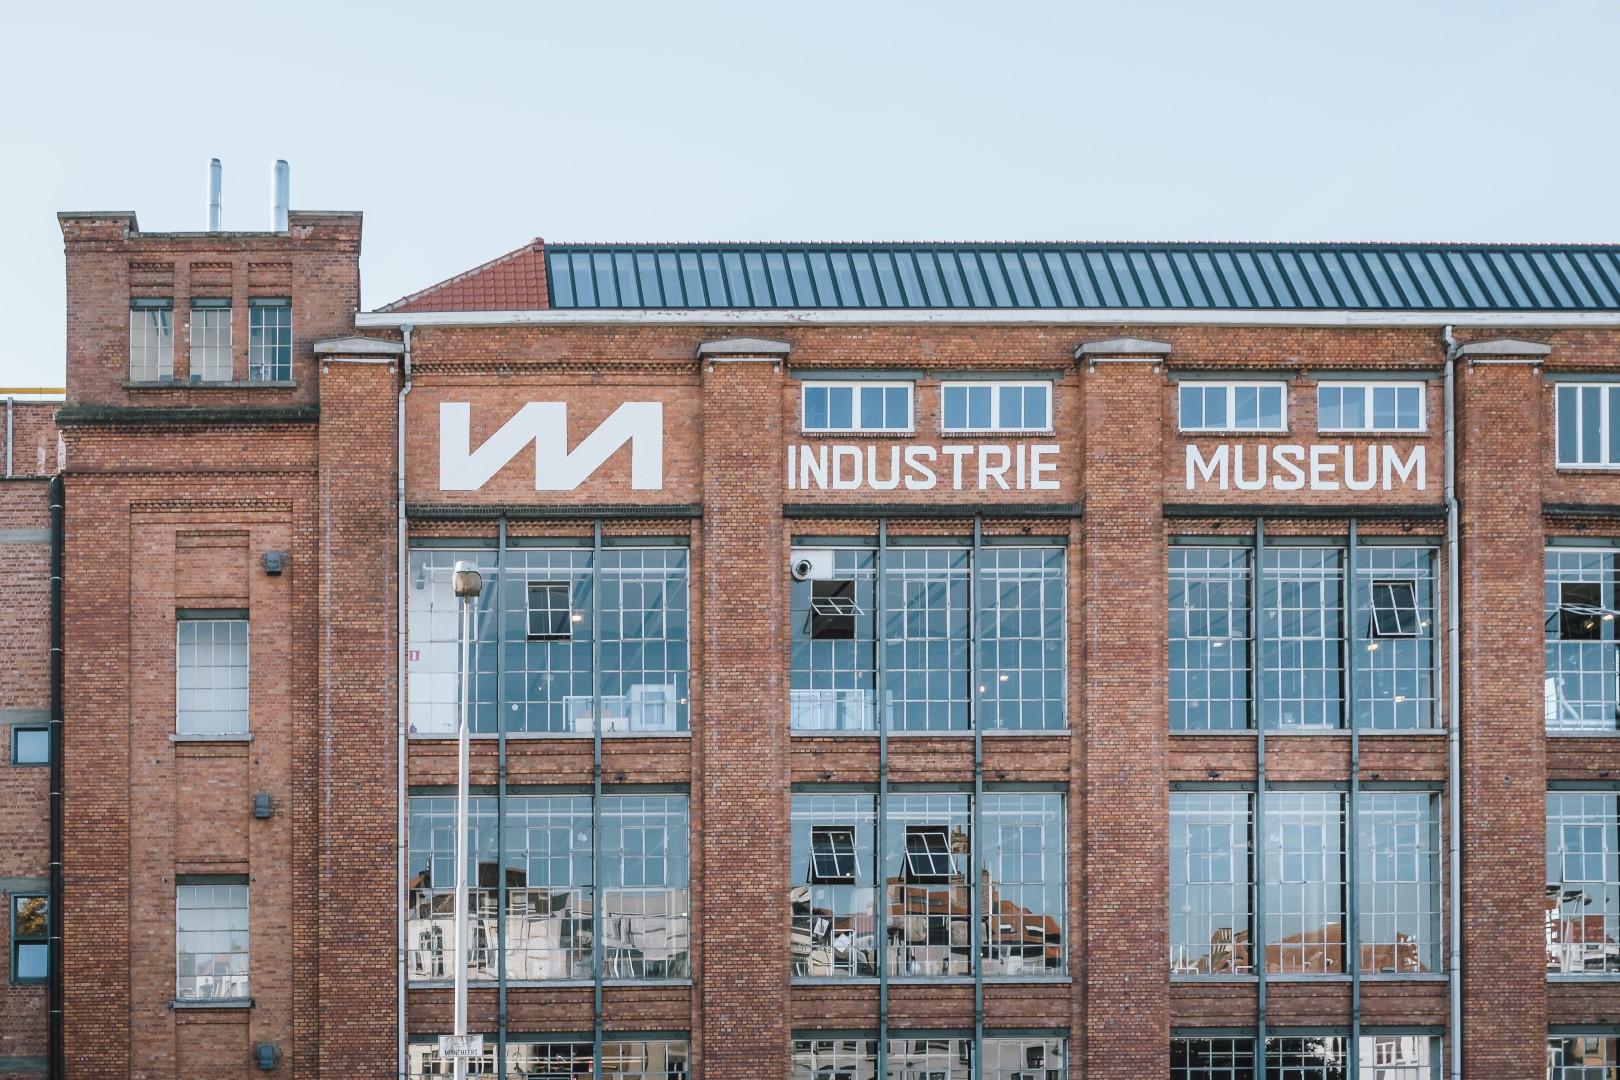 Industriemuseum TexChallenge